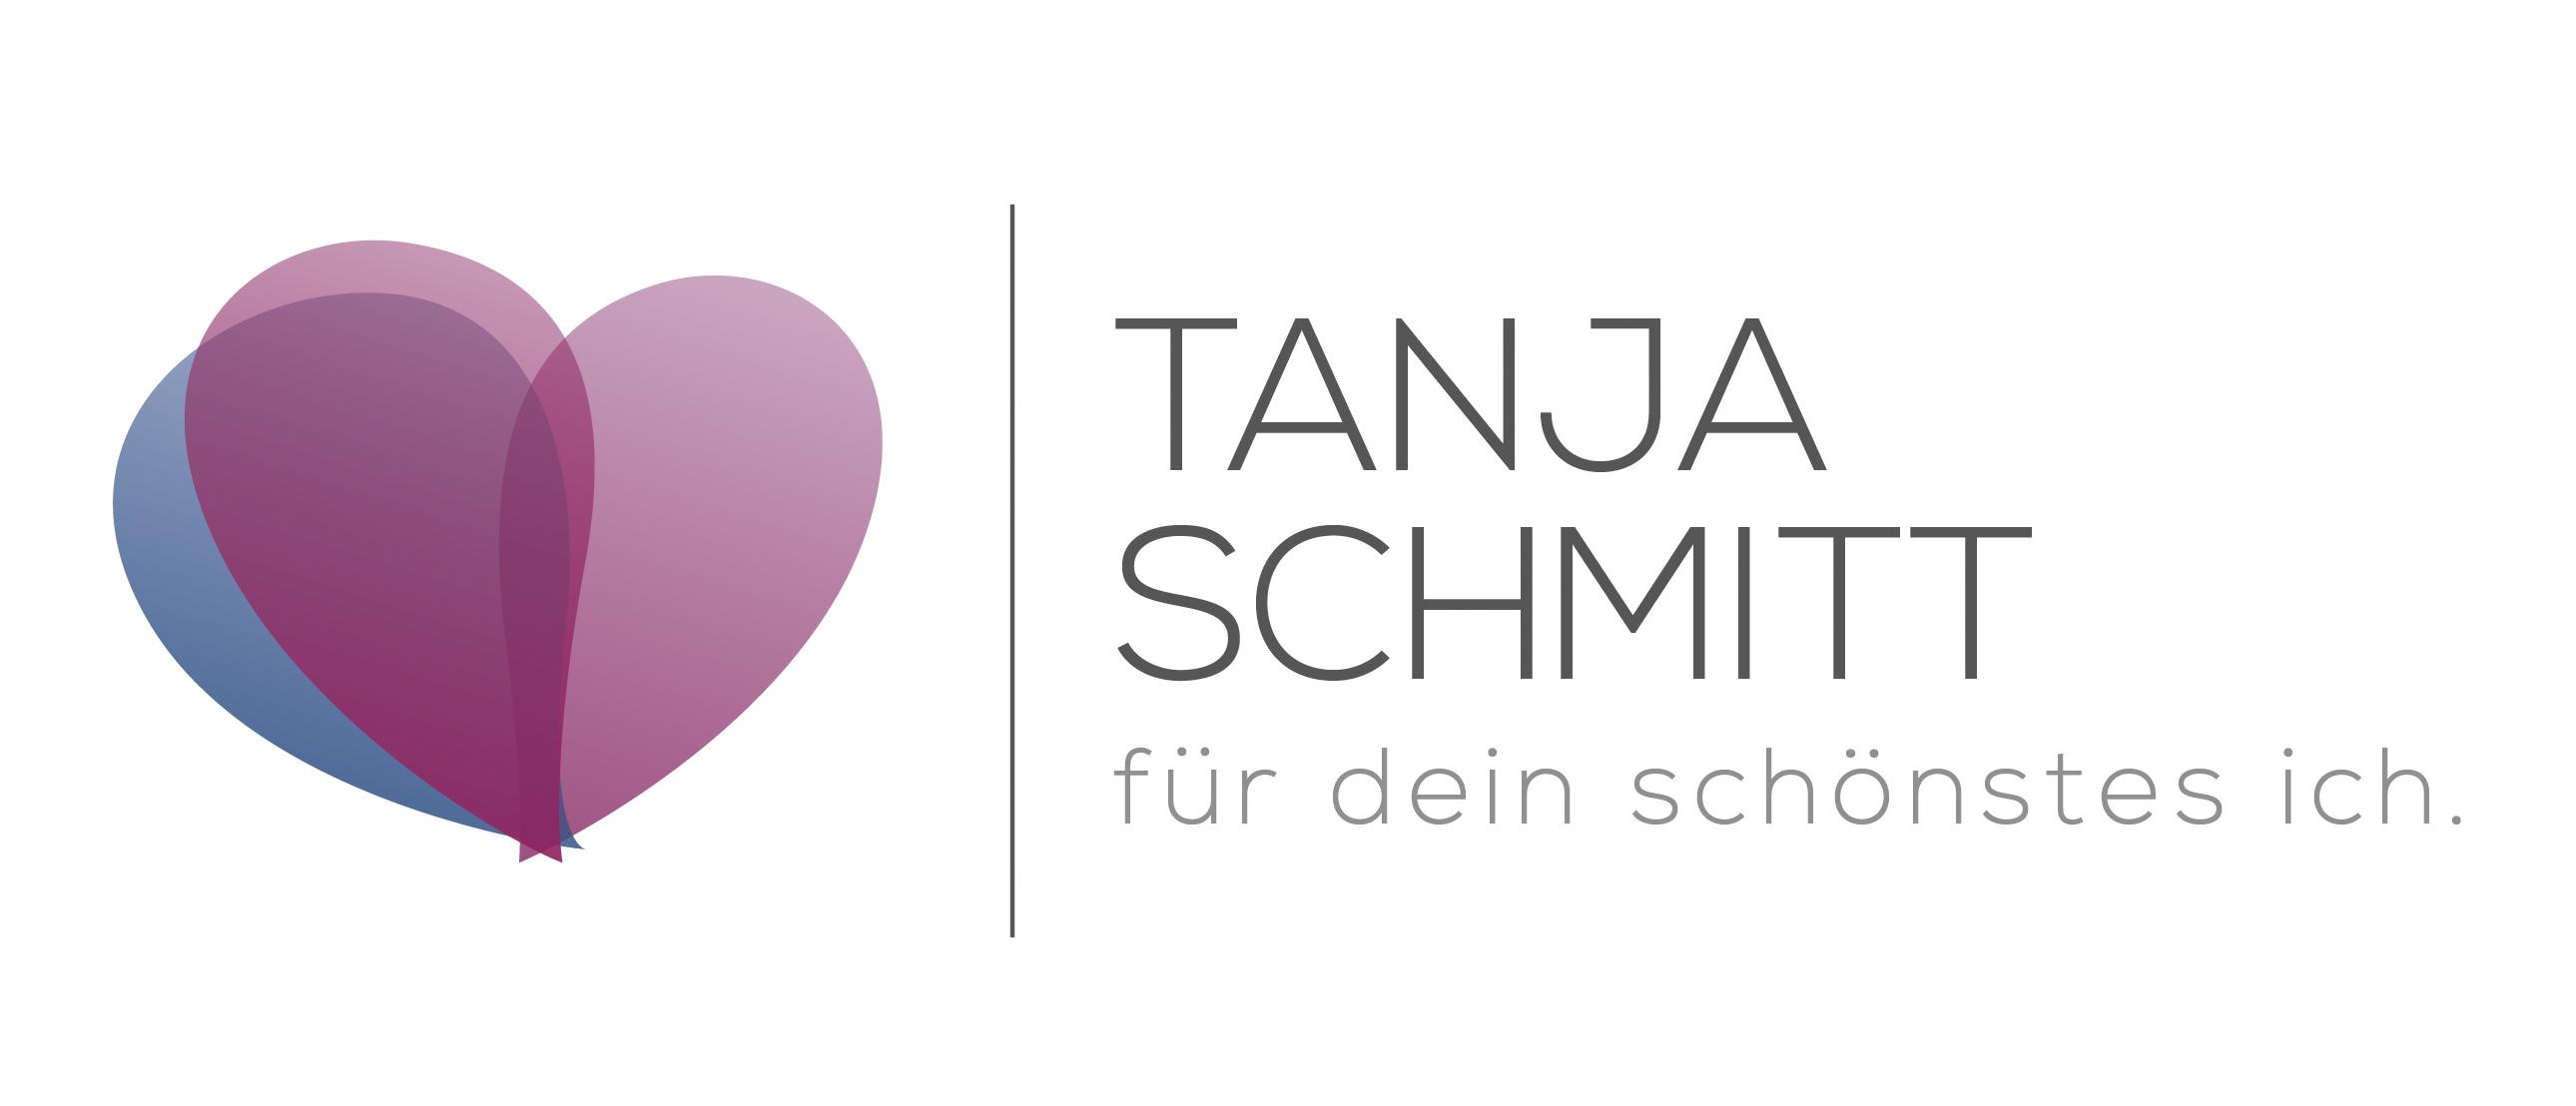 tanjaschmitt_herz